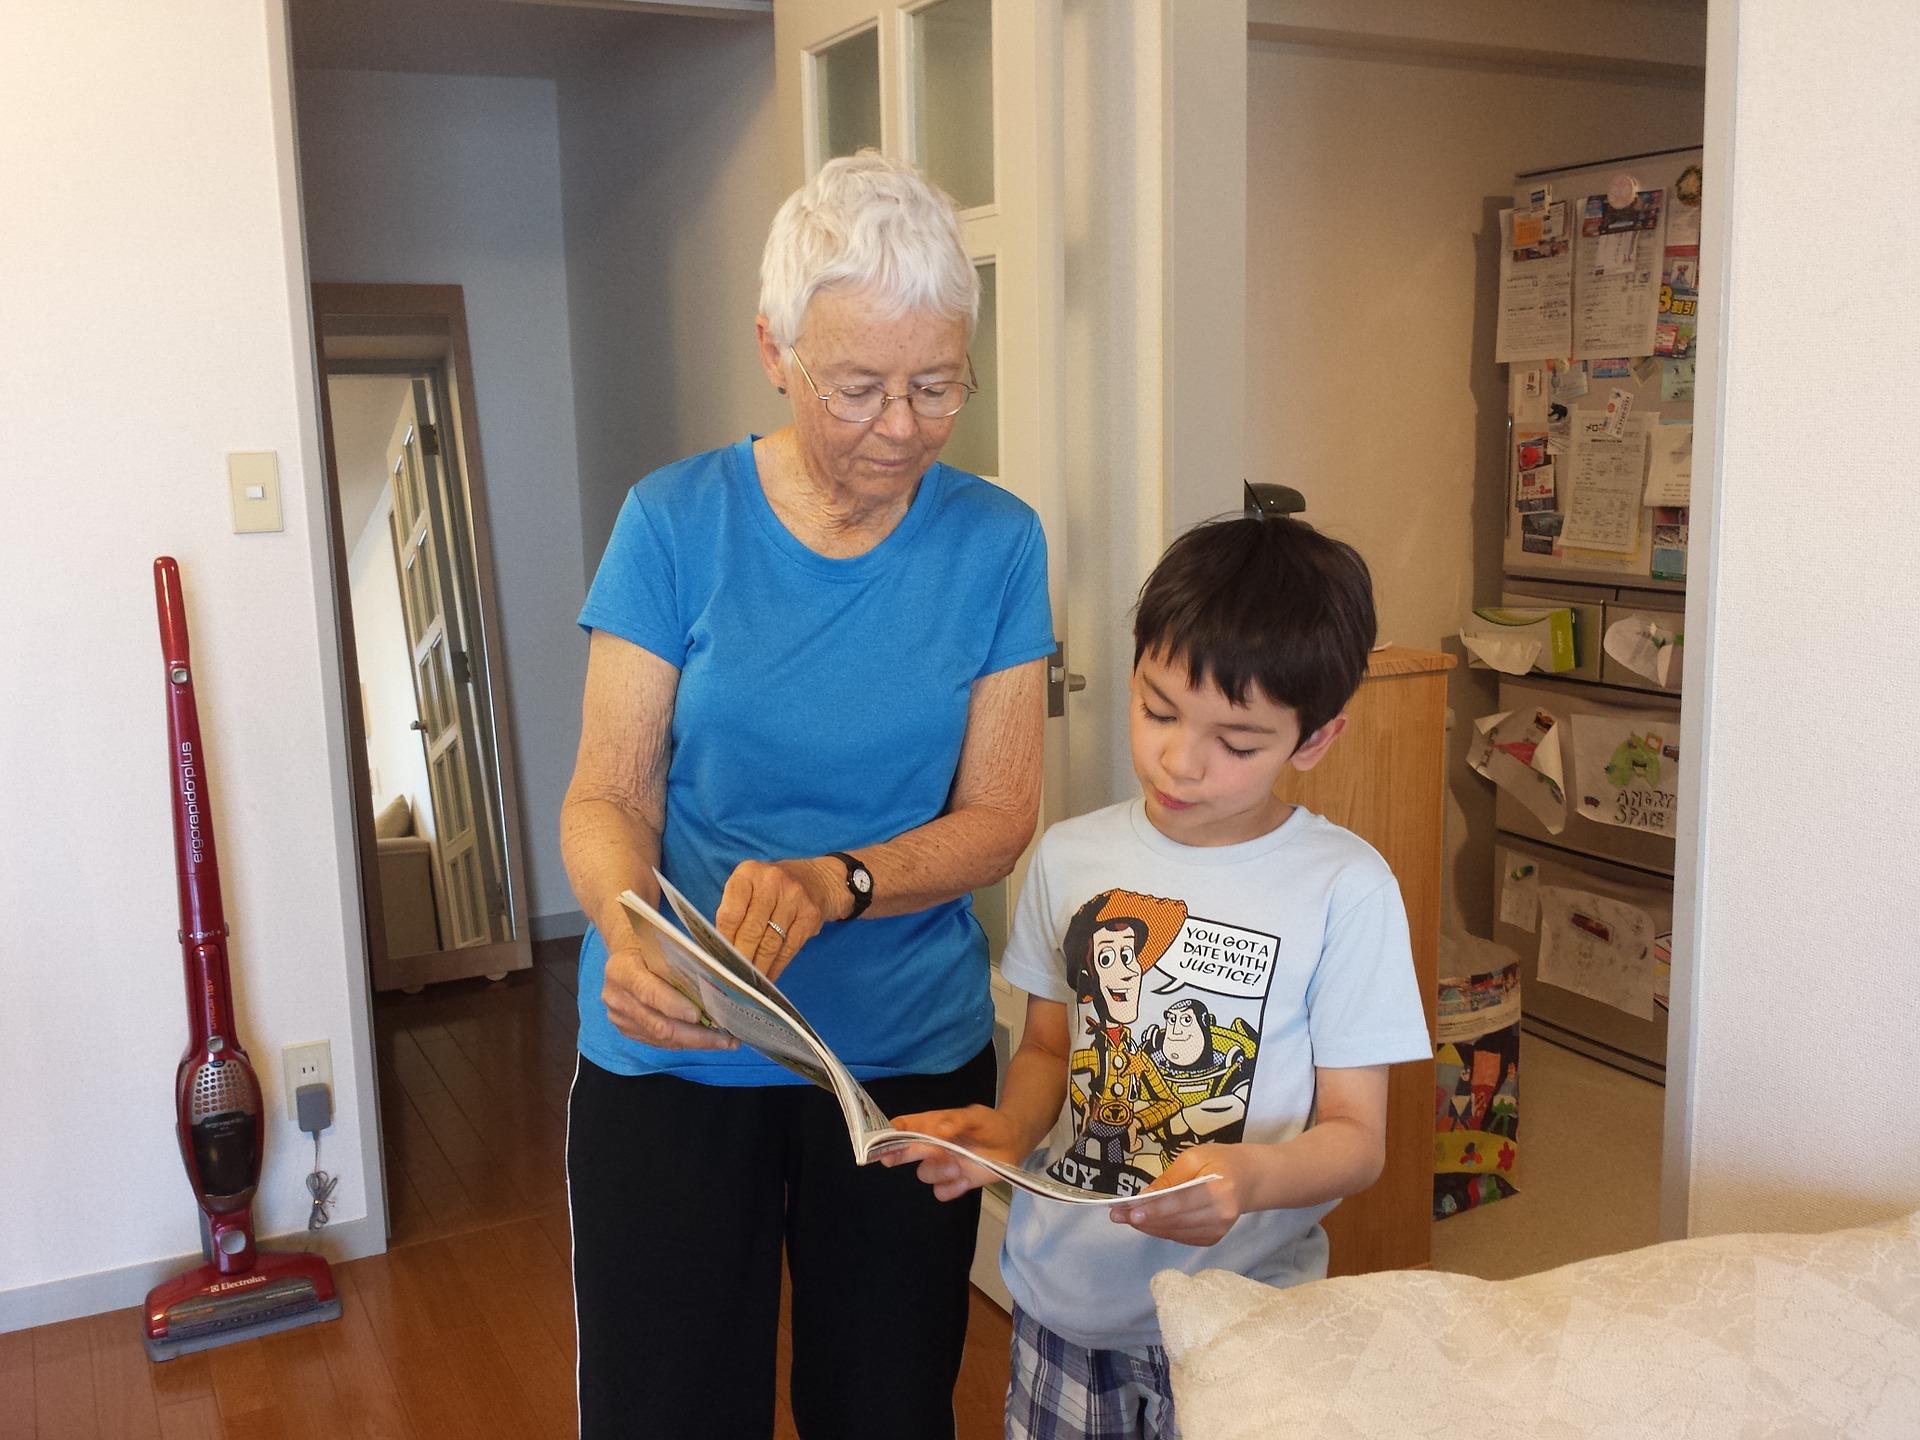 grandma-736004_1920_fujidreams_